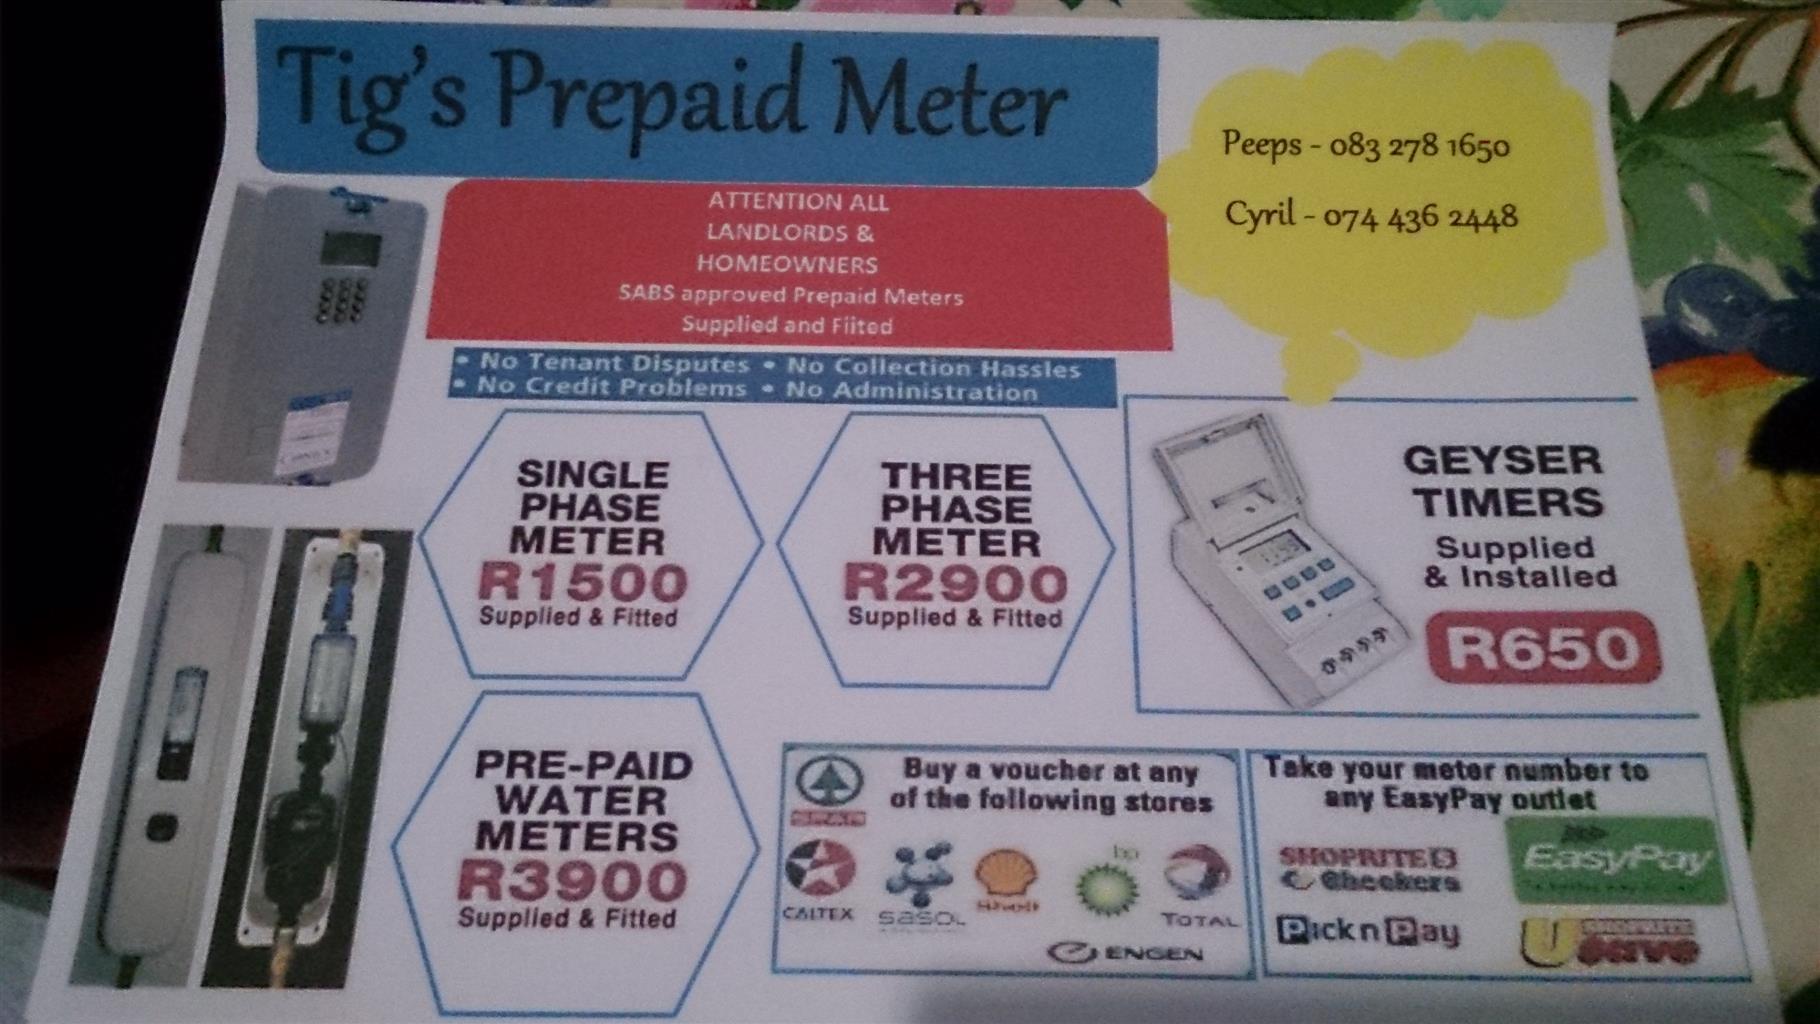 Tigs Prepaid meters